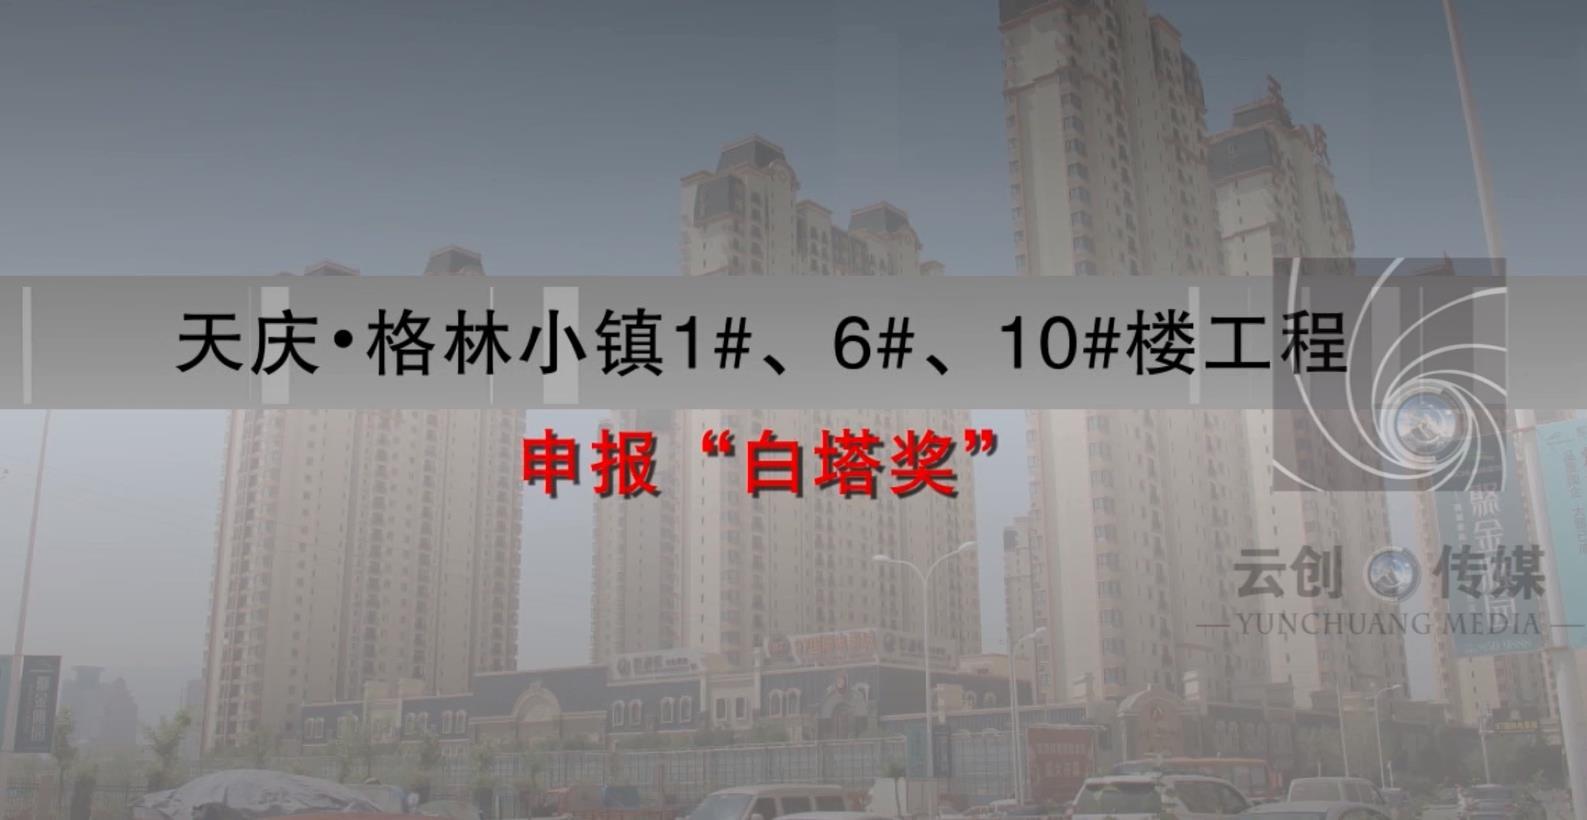 伊真集团-天庆格林小镇1#6#10#楼工程-白塔奖